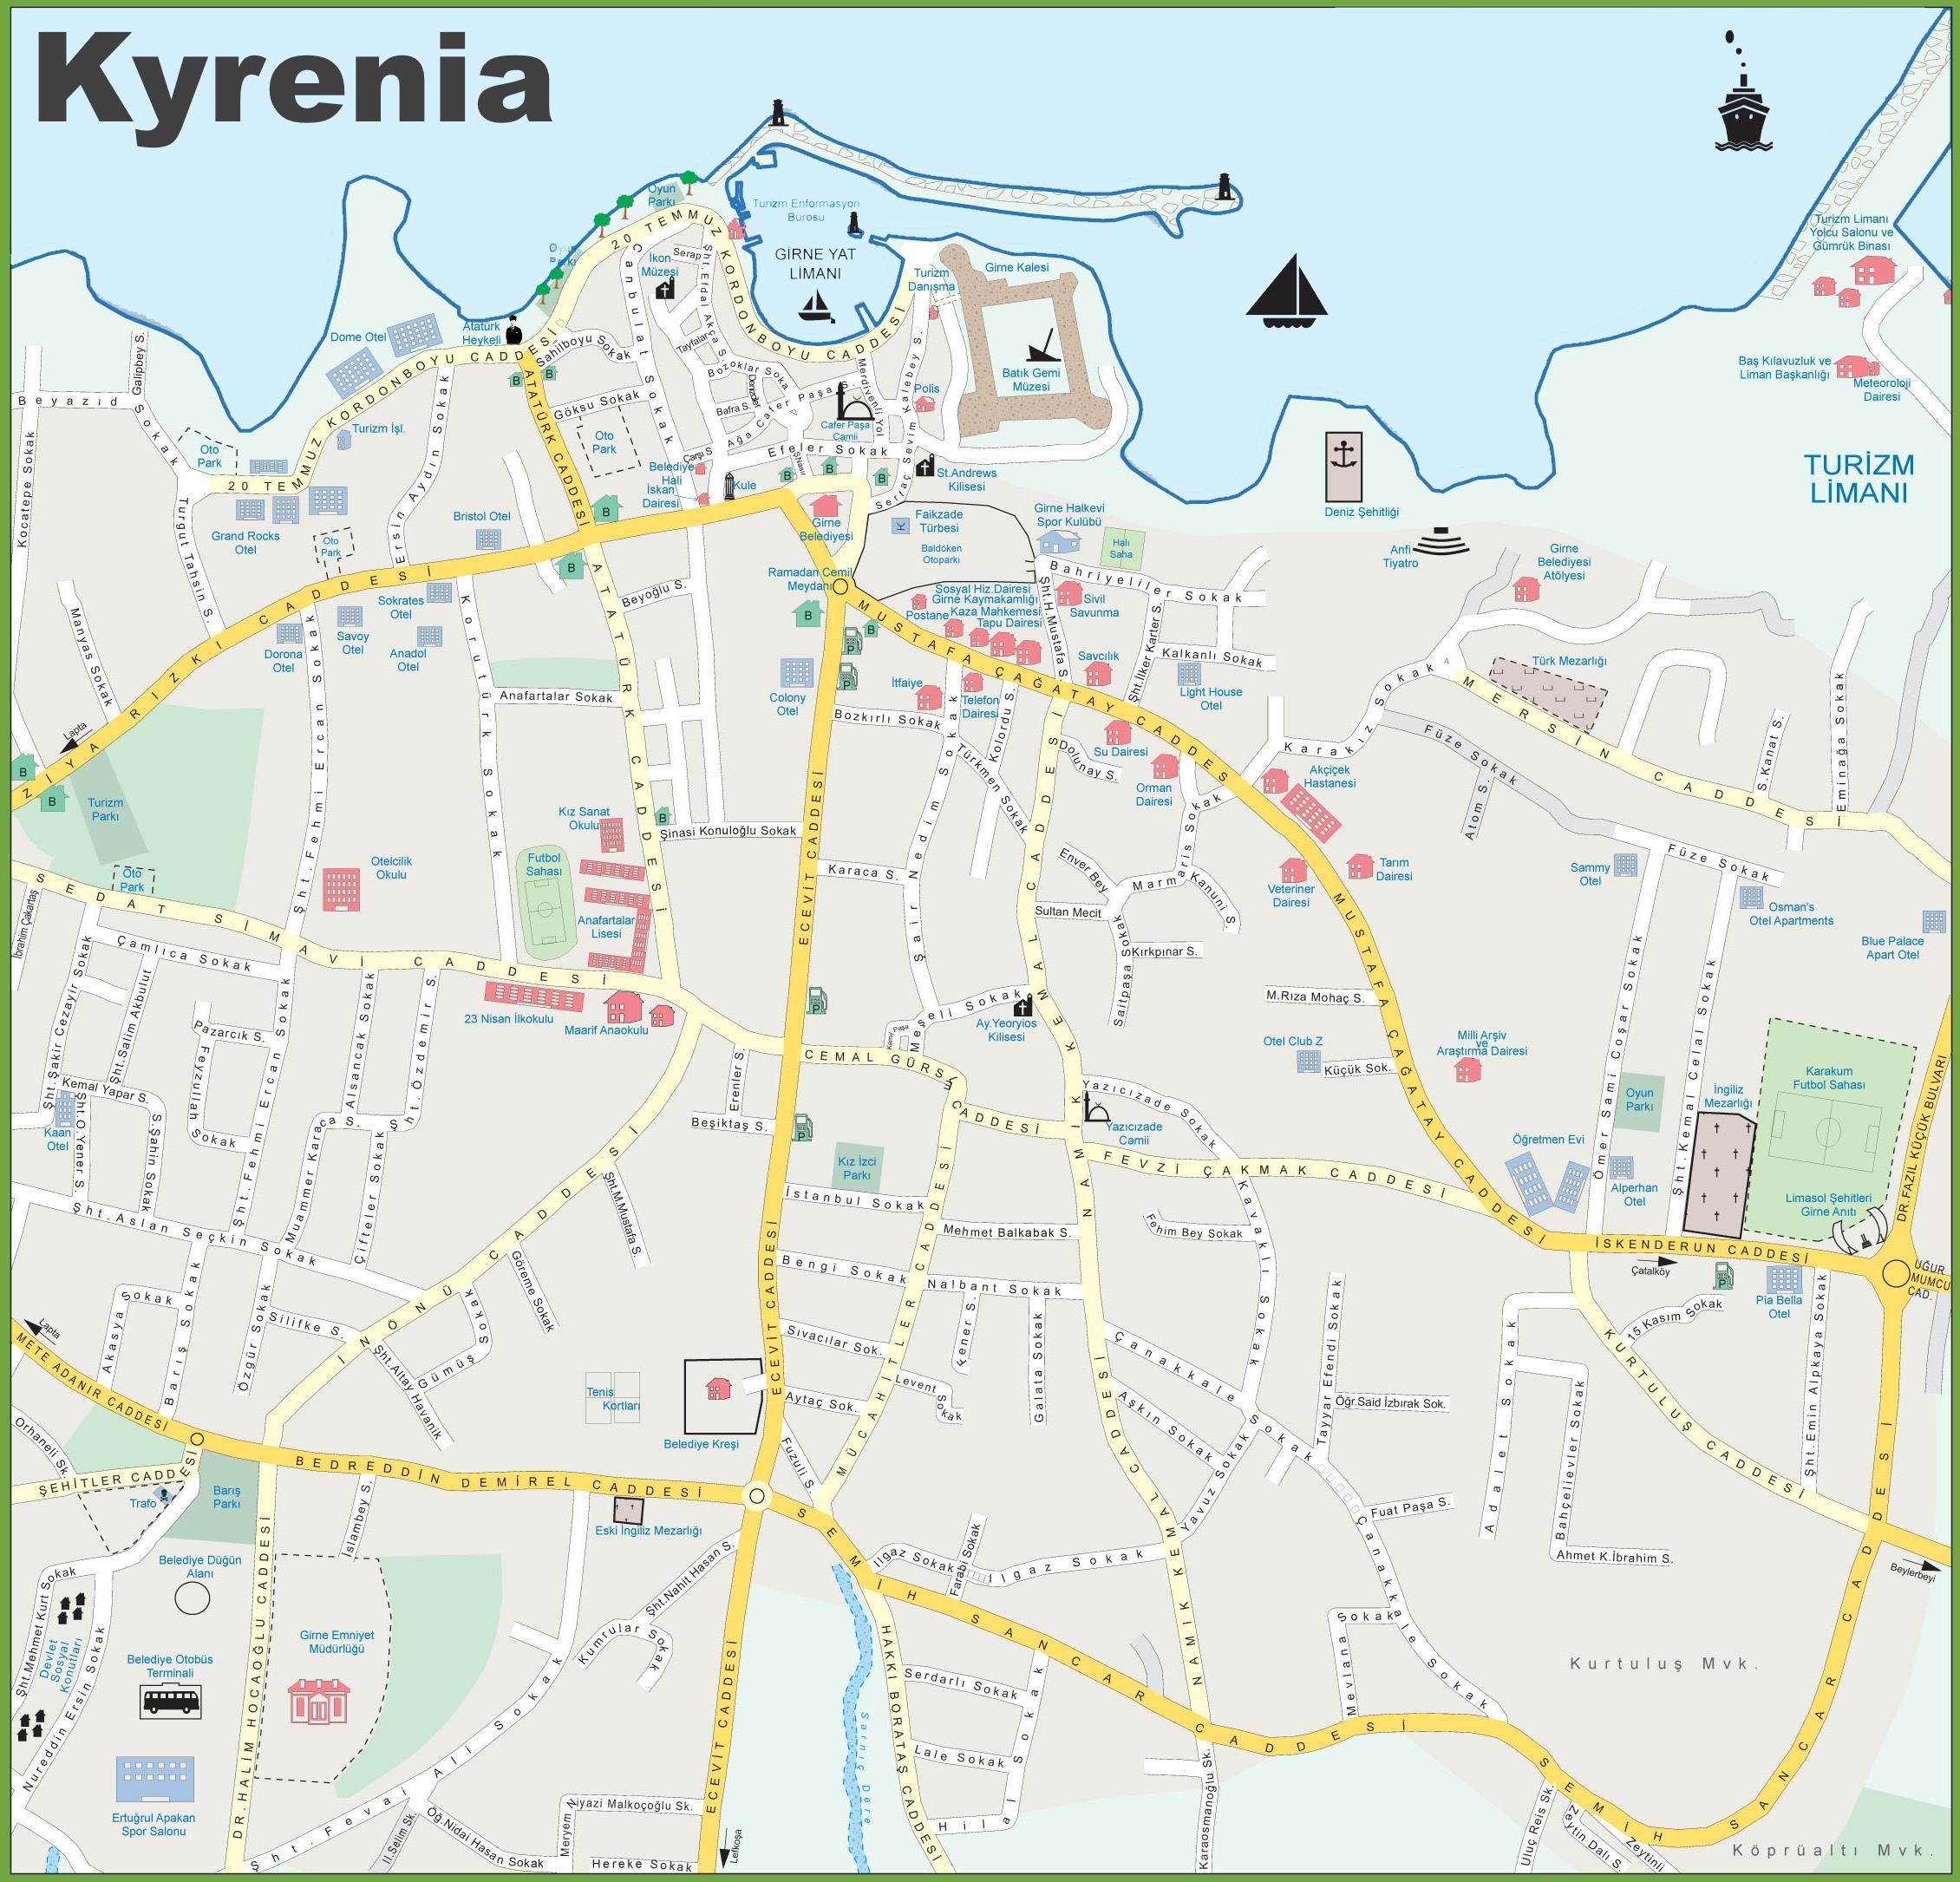 Kyrenia Kyproksen Kartta Kartta Pohjois Kypros Kyrenia Etela